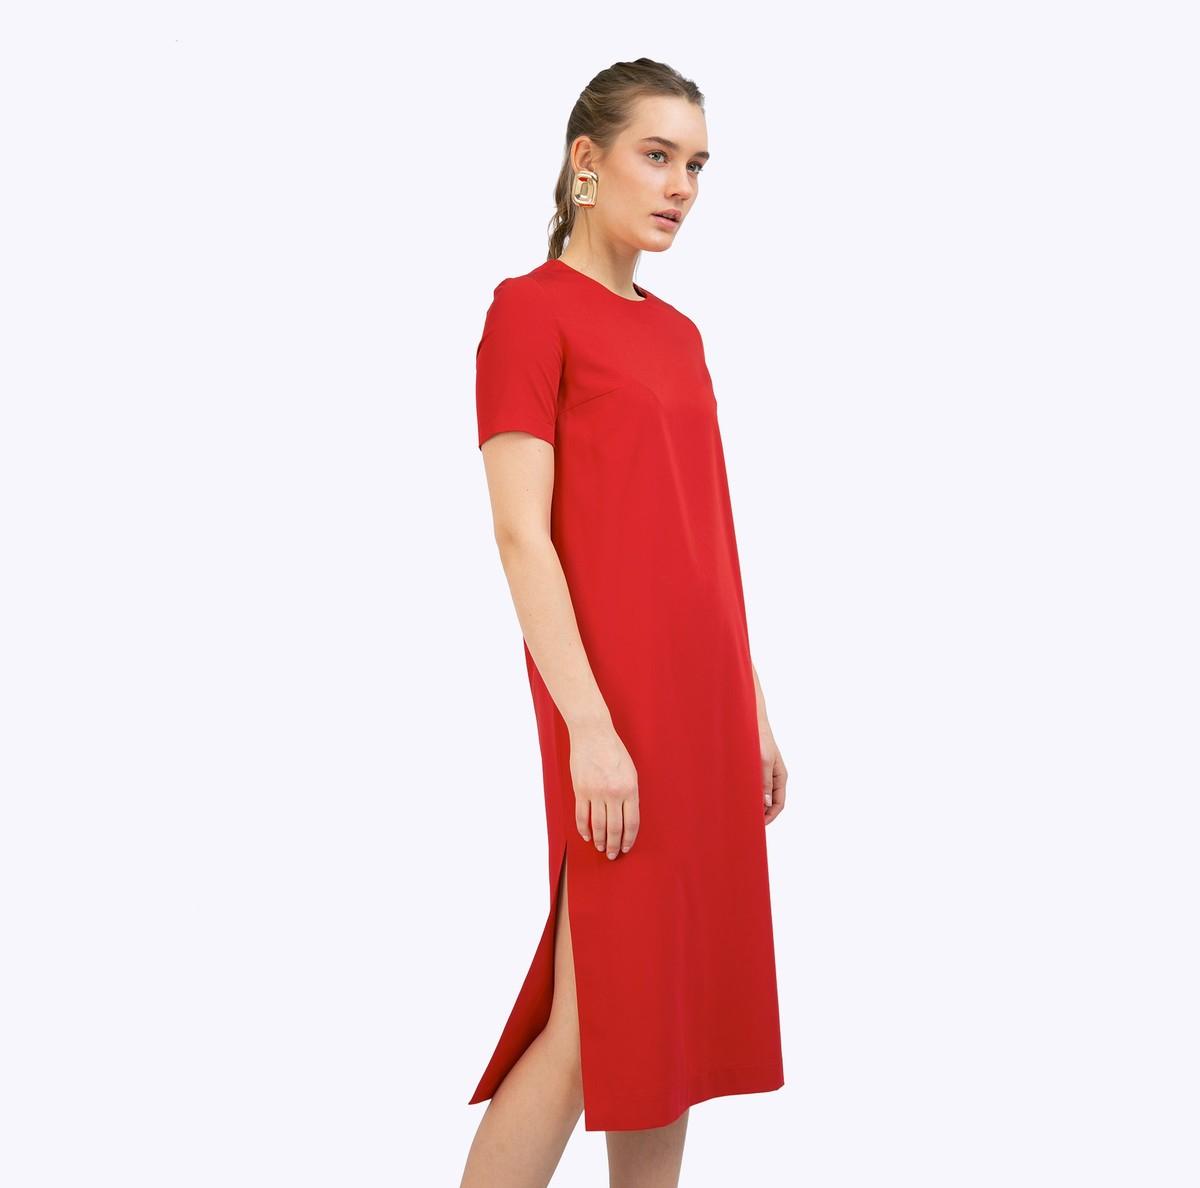 Платье прямого силуэта с разрезами по бокам фото